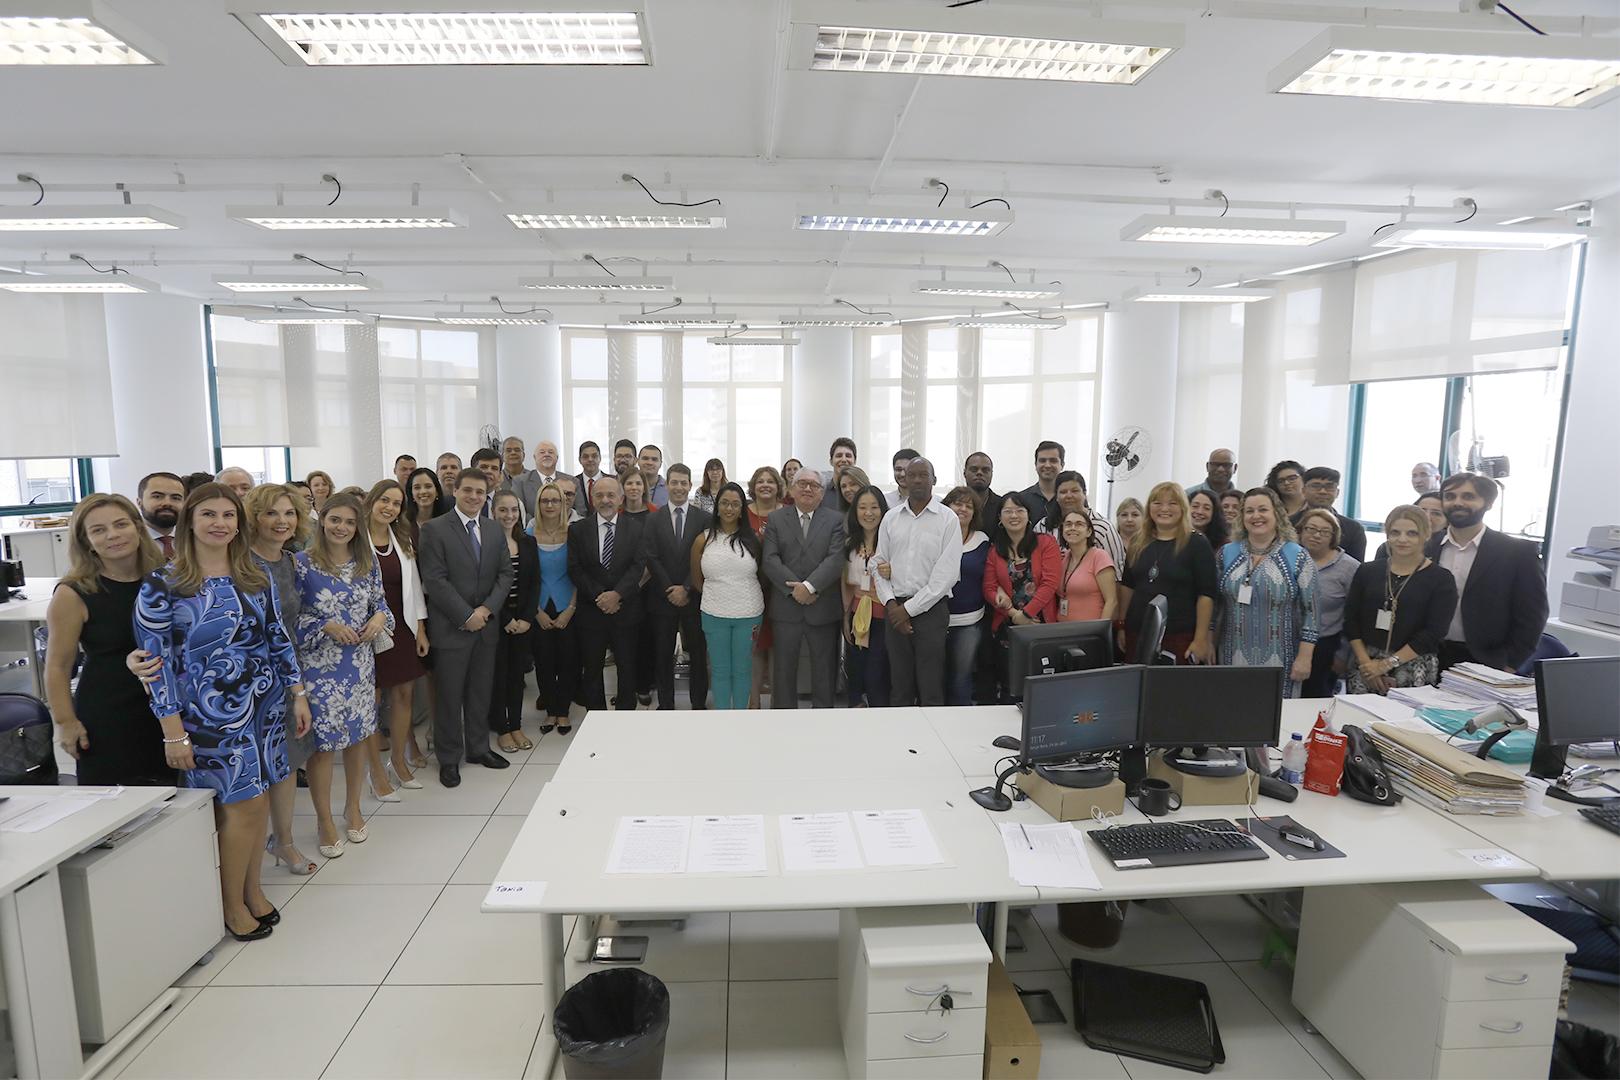 Tribunal de Justiça inaugura novo Cartório do Futuro no Fórum João Mendes Júnior